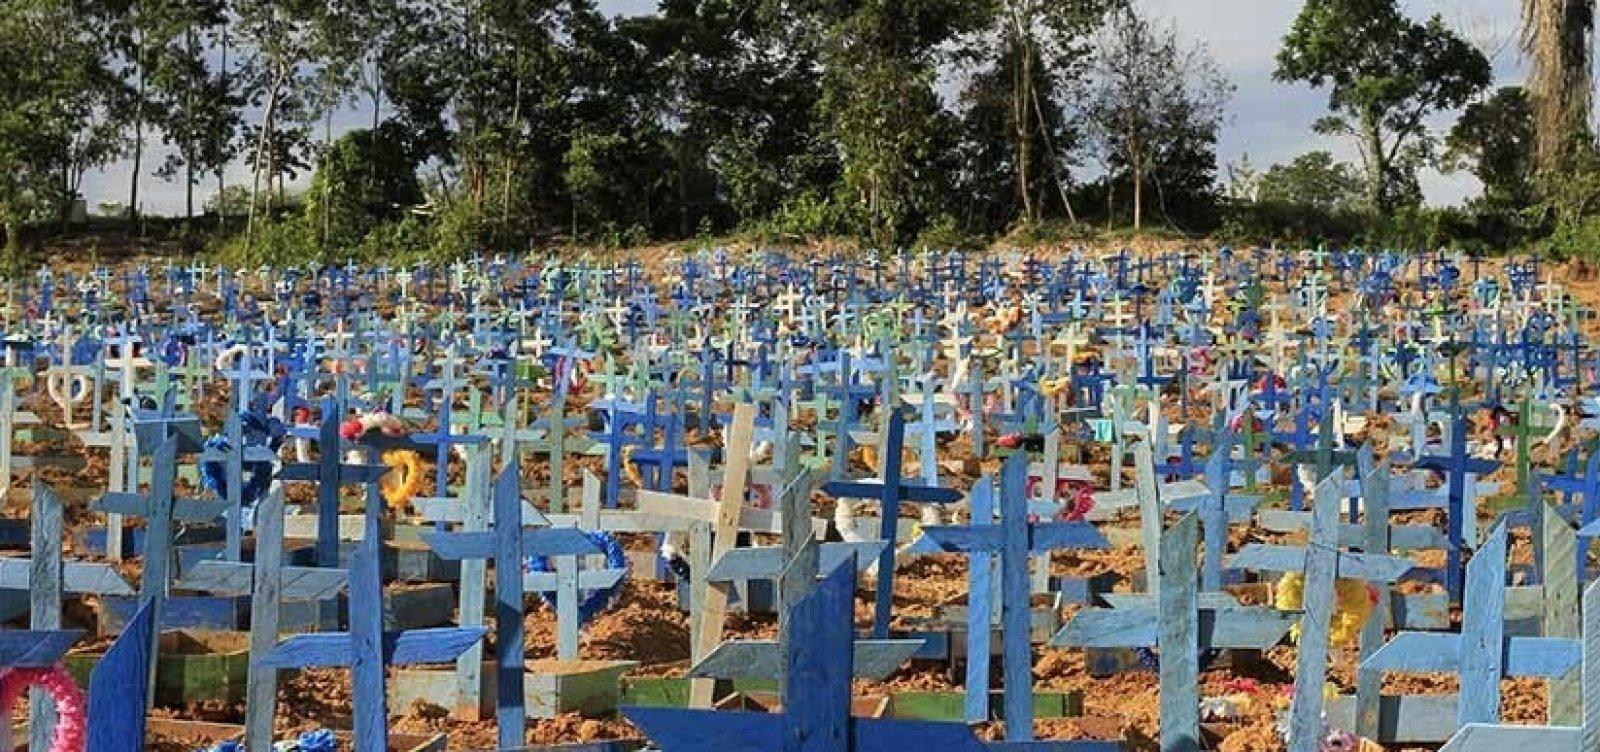 [Brasil registra novo recorde de óbitos por Covid-19: 3.251 mortes em 24 horas ]